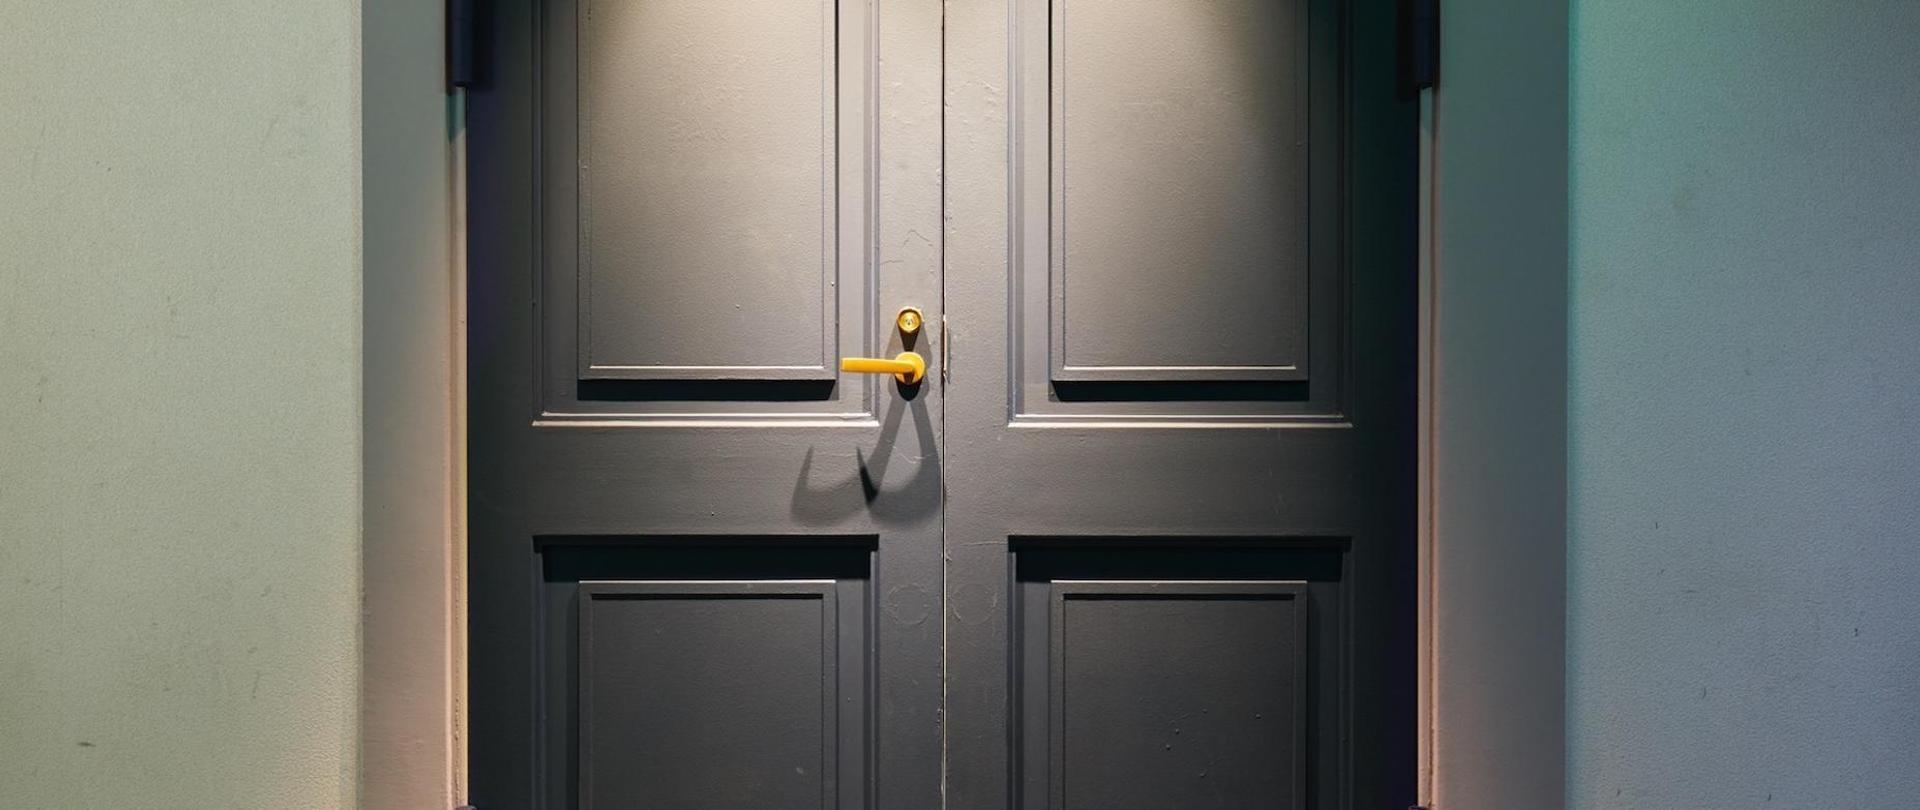 BNBT-KYOTO-Door.jpg